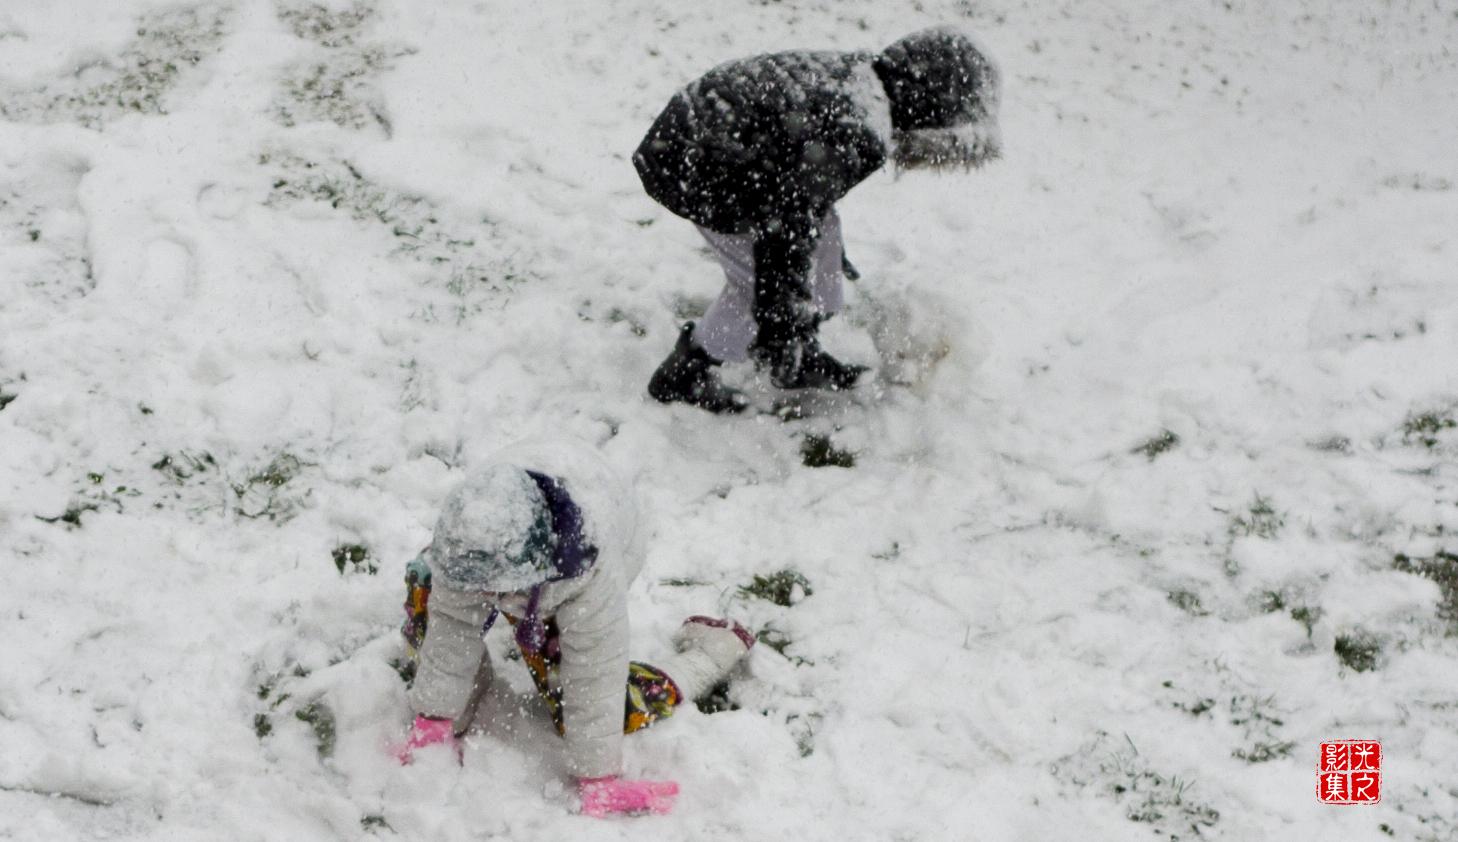 昨天下了一場大雪小孩急不及待走去玩雪